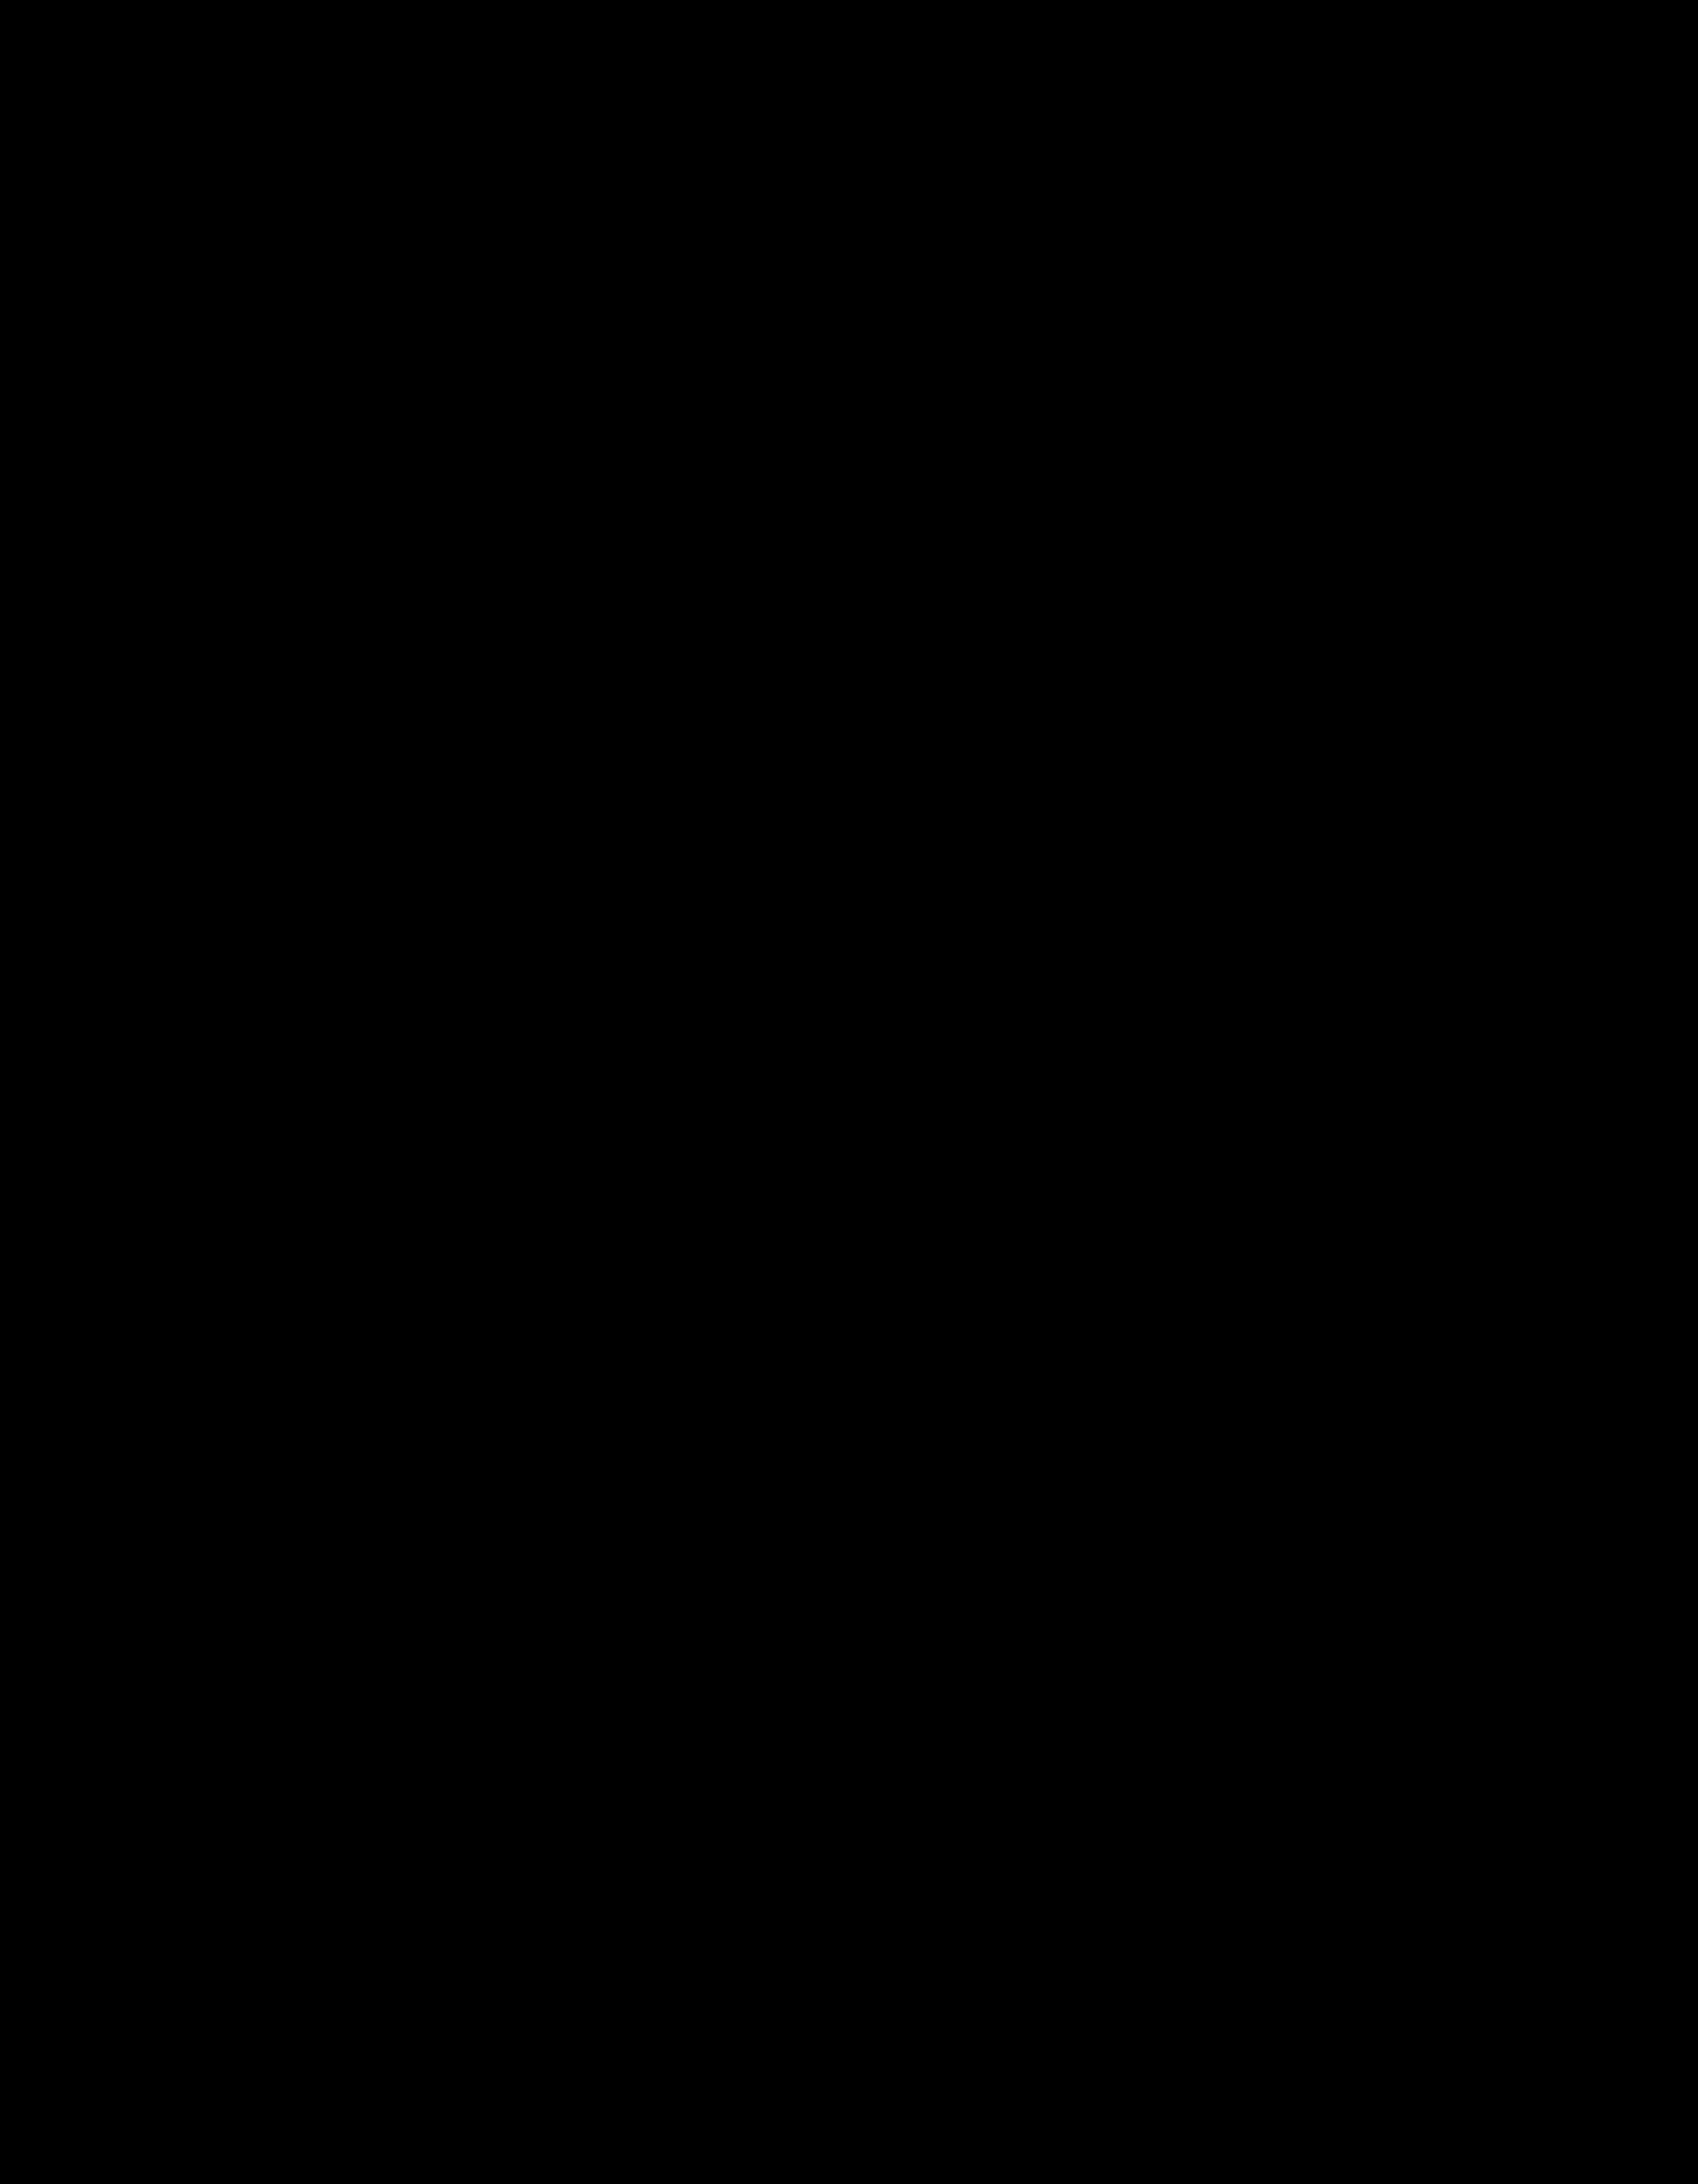 「ルパン三世のテーマ」伴奏付き楽譜